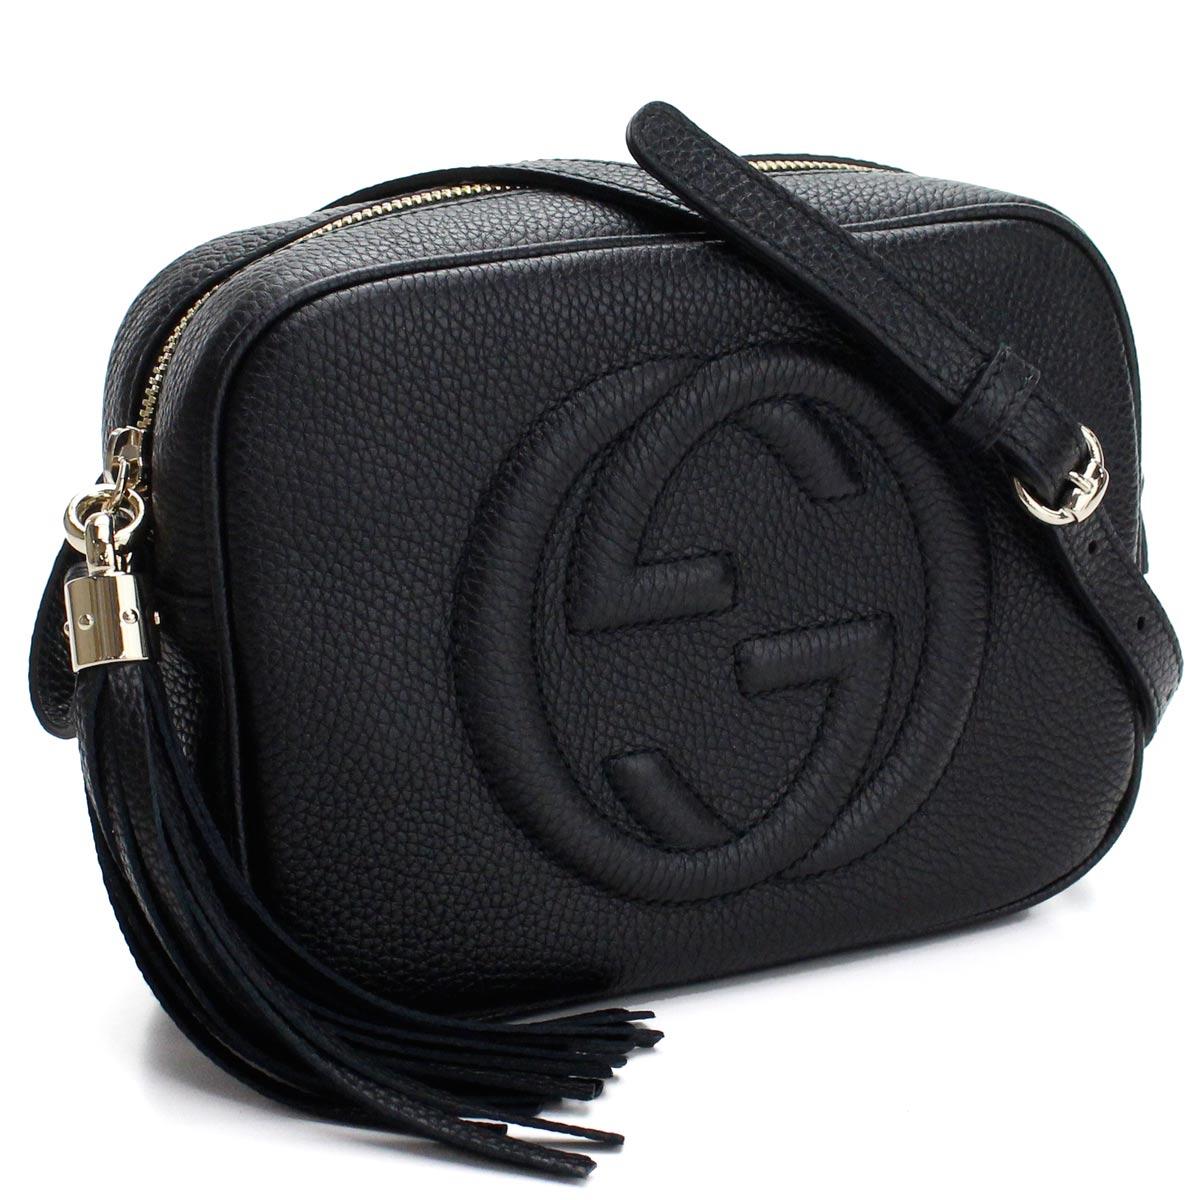 レディースバッグ, ショルダーバッグ・メッセンジャーバッグ  GUCCI SOHO 308364 A7M0G 1000 shoulder bag